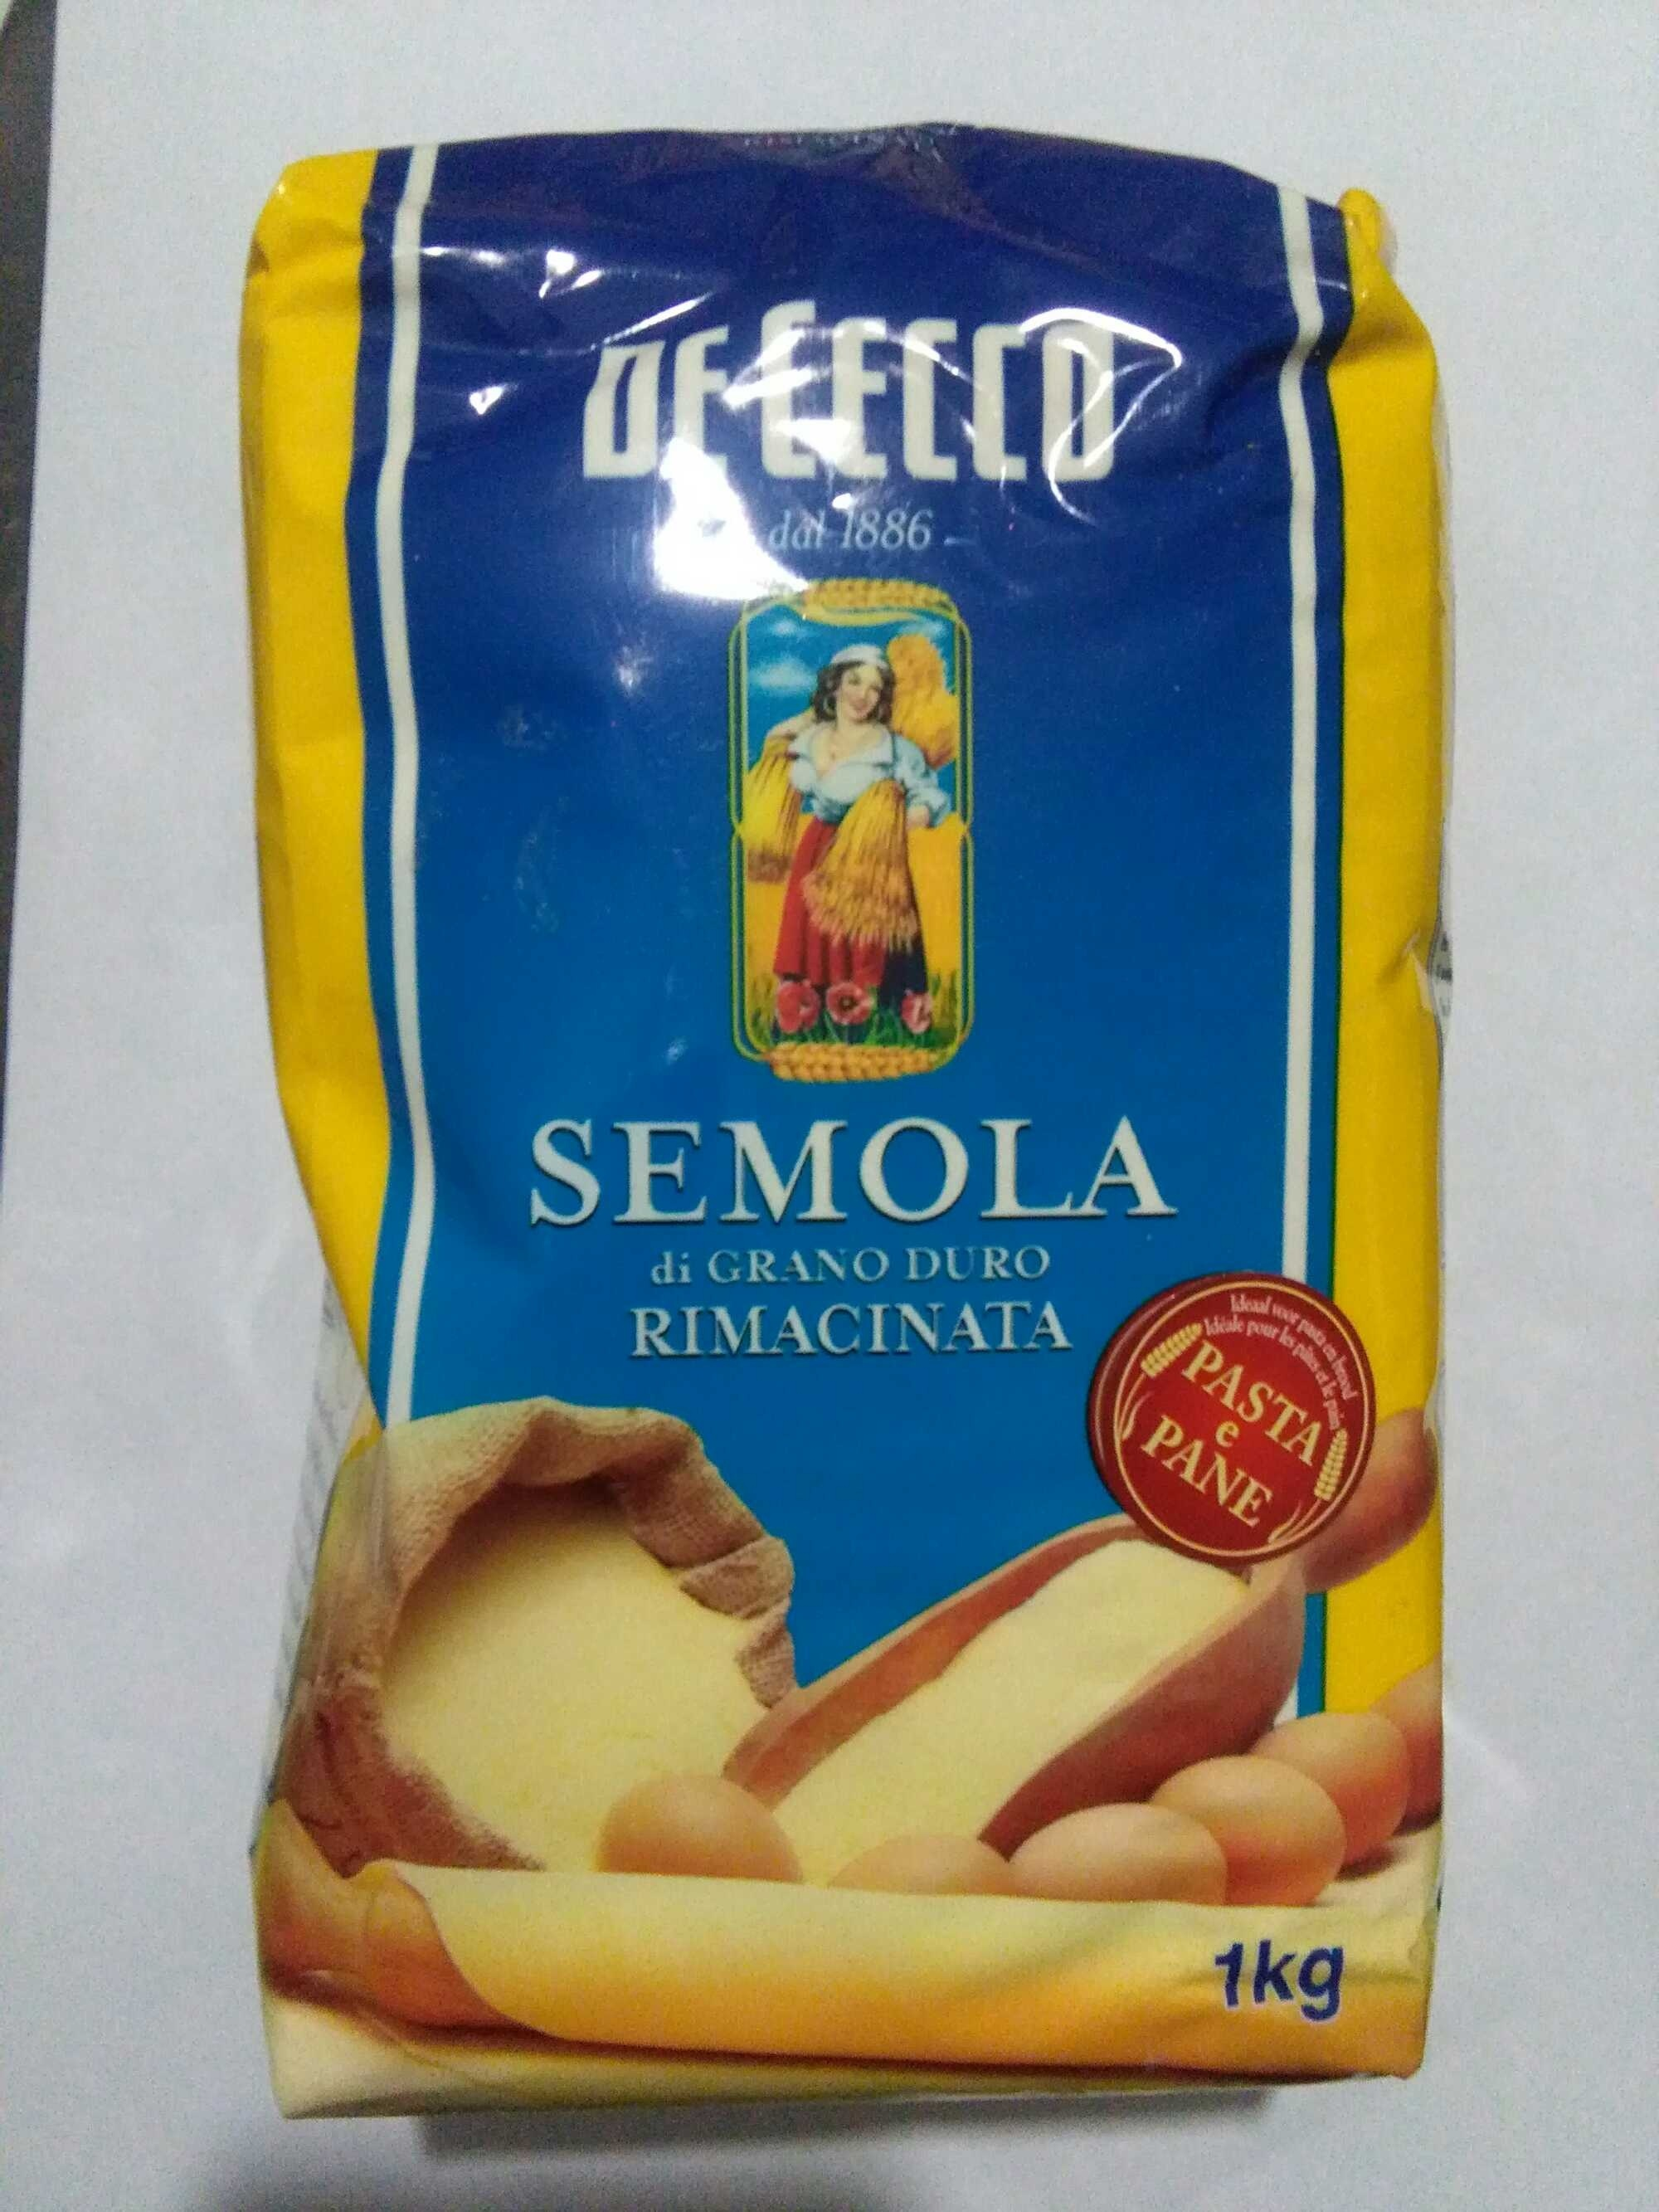 Sémola de trigo duro - Product